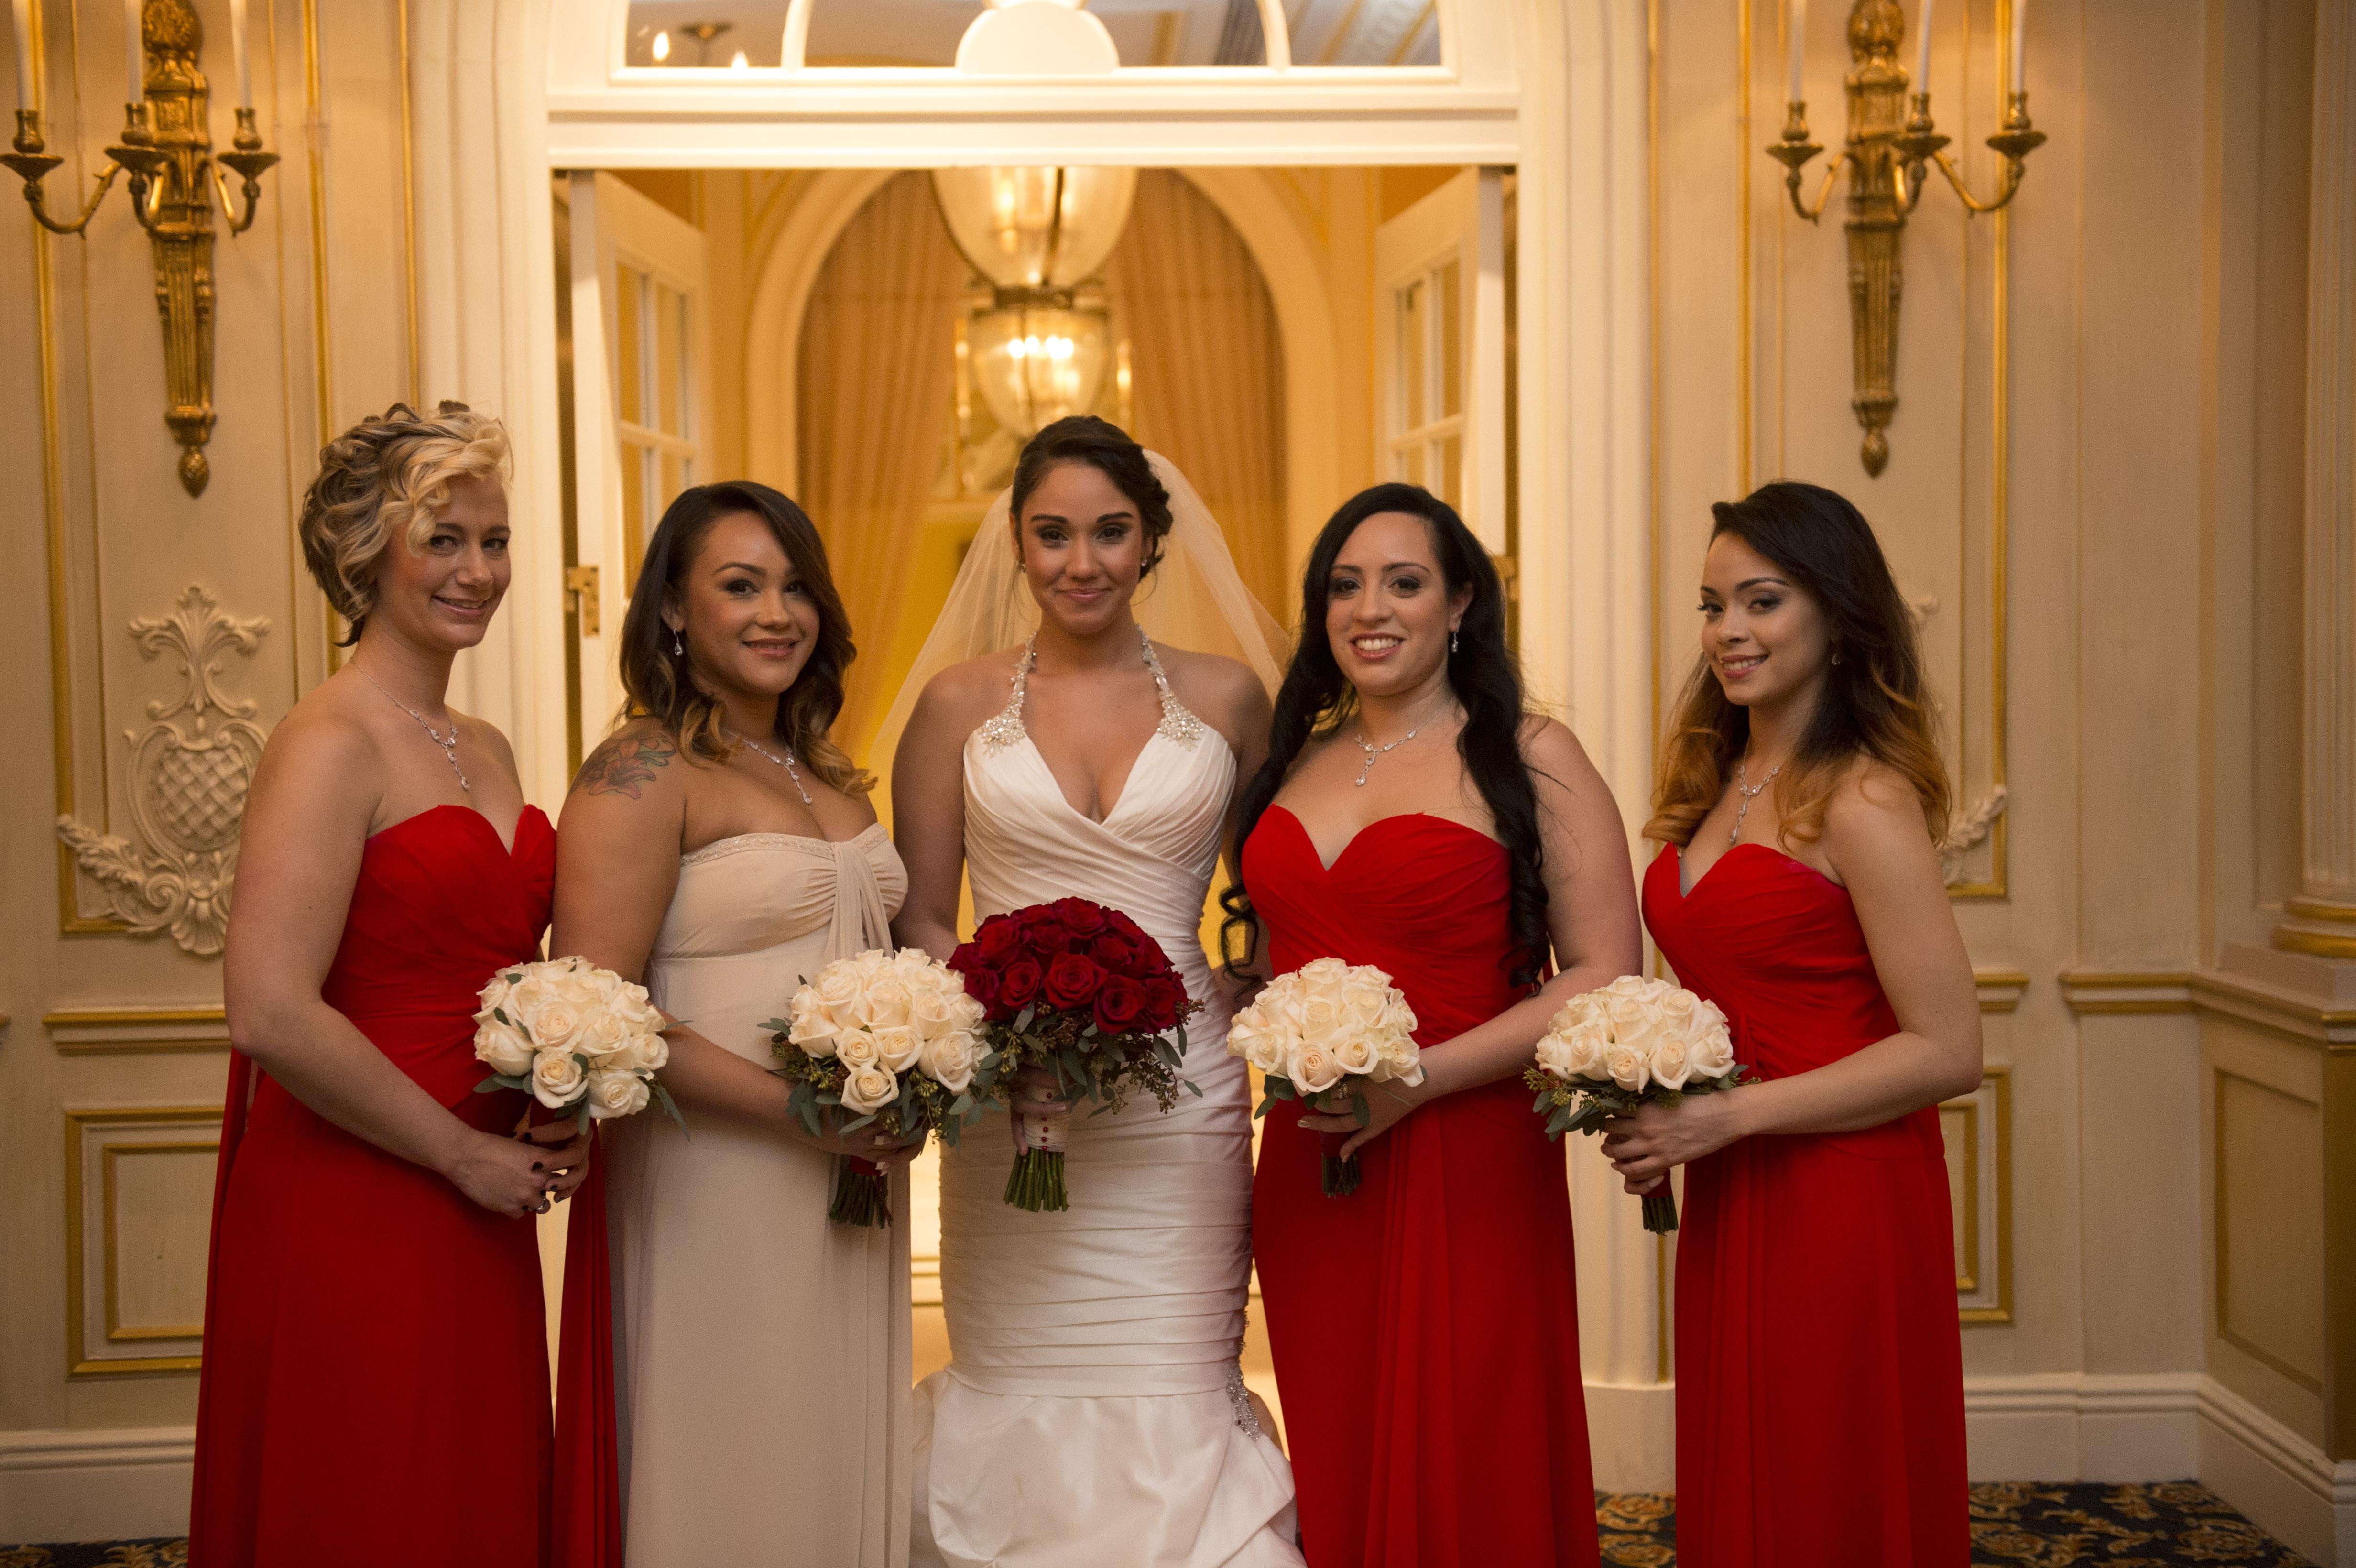 Matrimonio In Vista : Matrimonio a primera vista medios noticias editorial